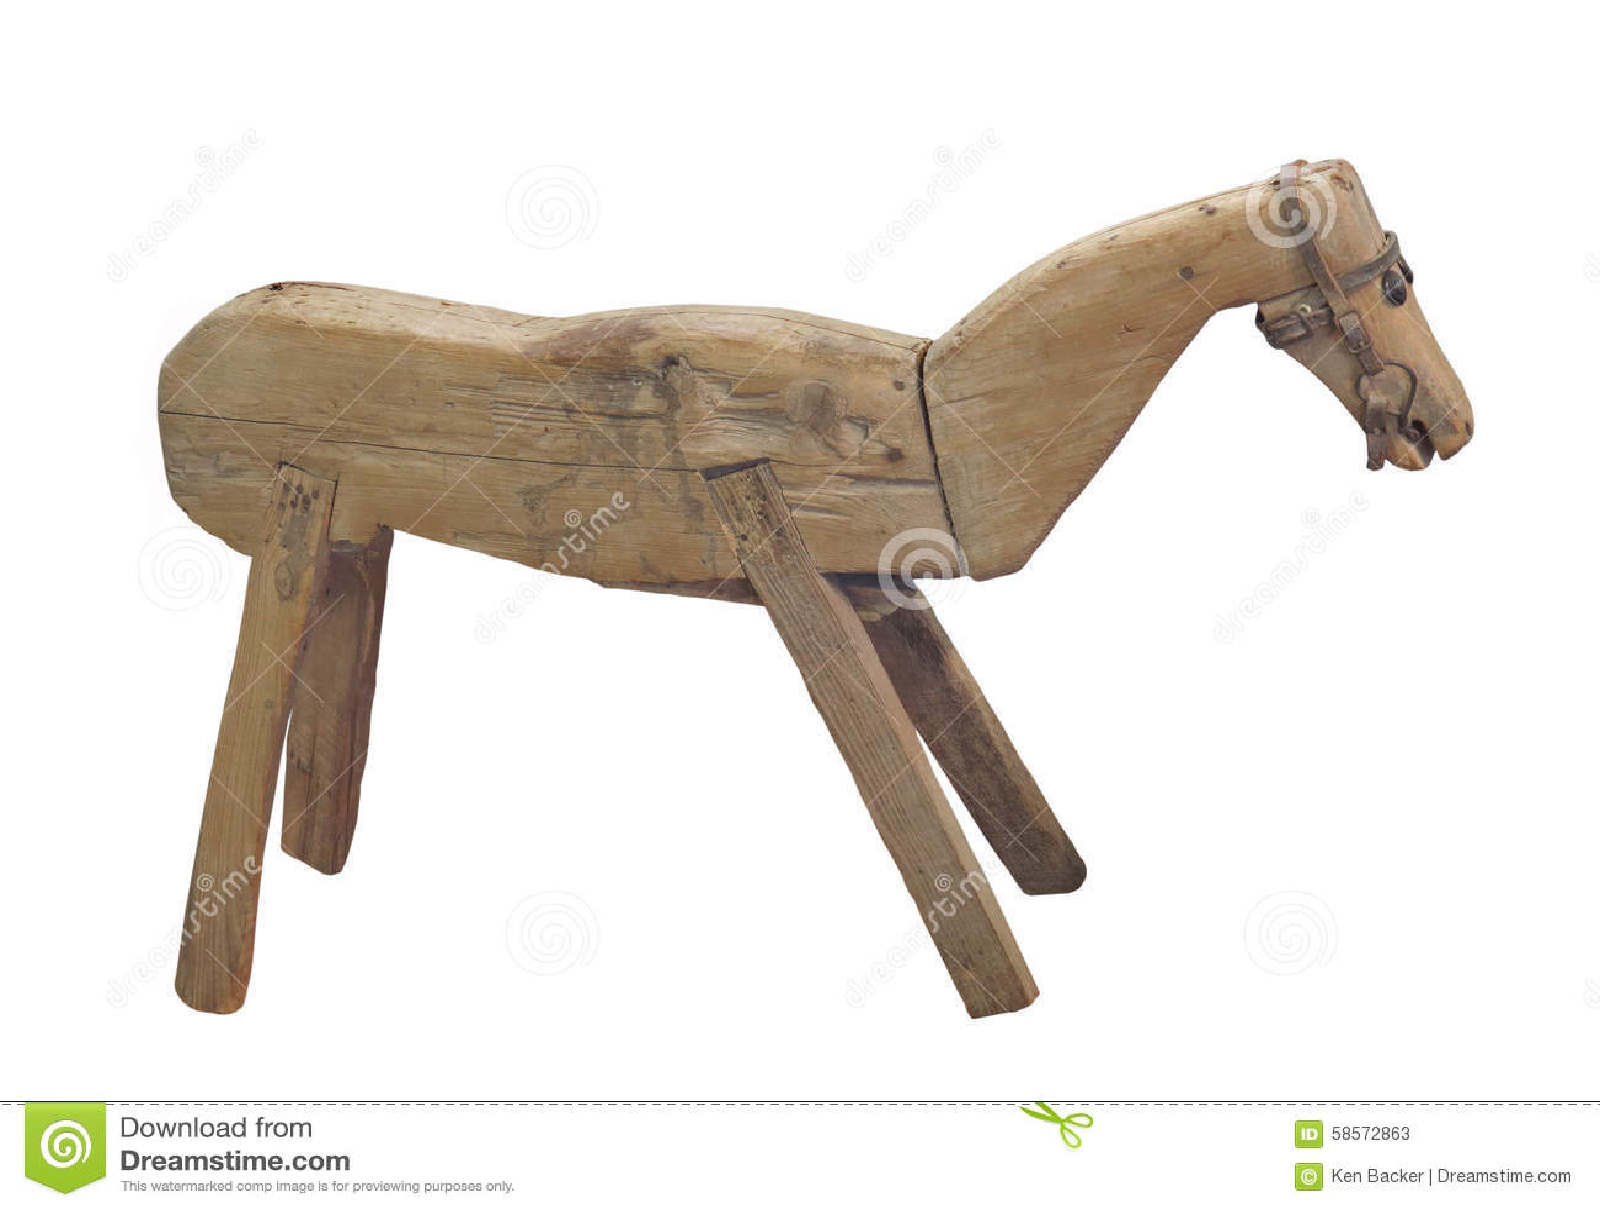 Cavallo Di Legno Giocattolo.Cavallo Di Legno Di Legno Rustico Isolato Immagine Stock Immagine